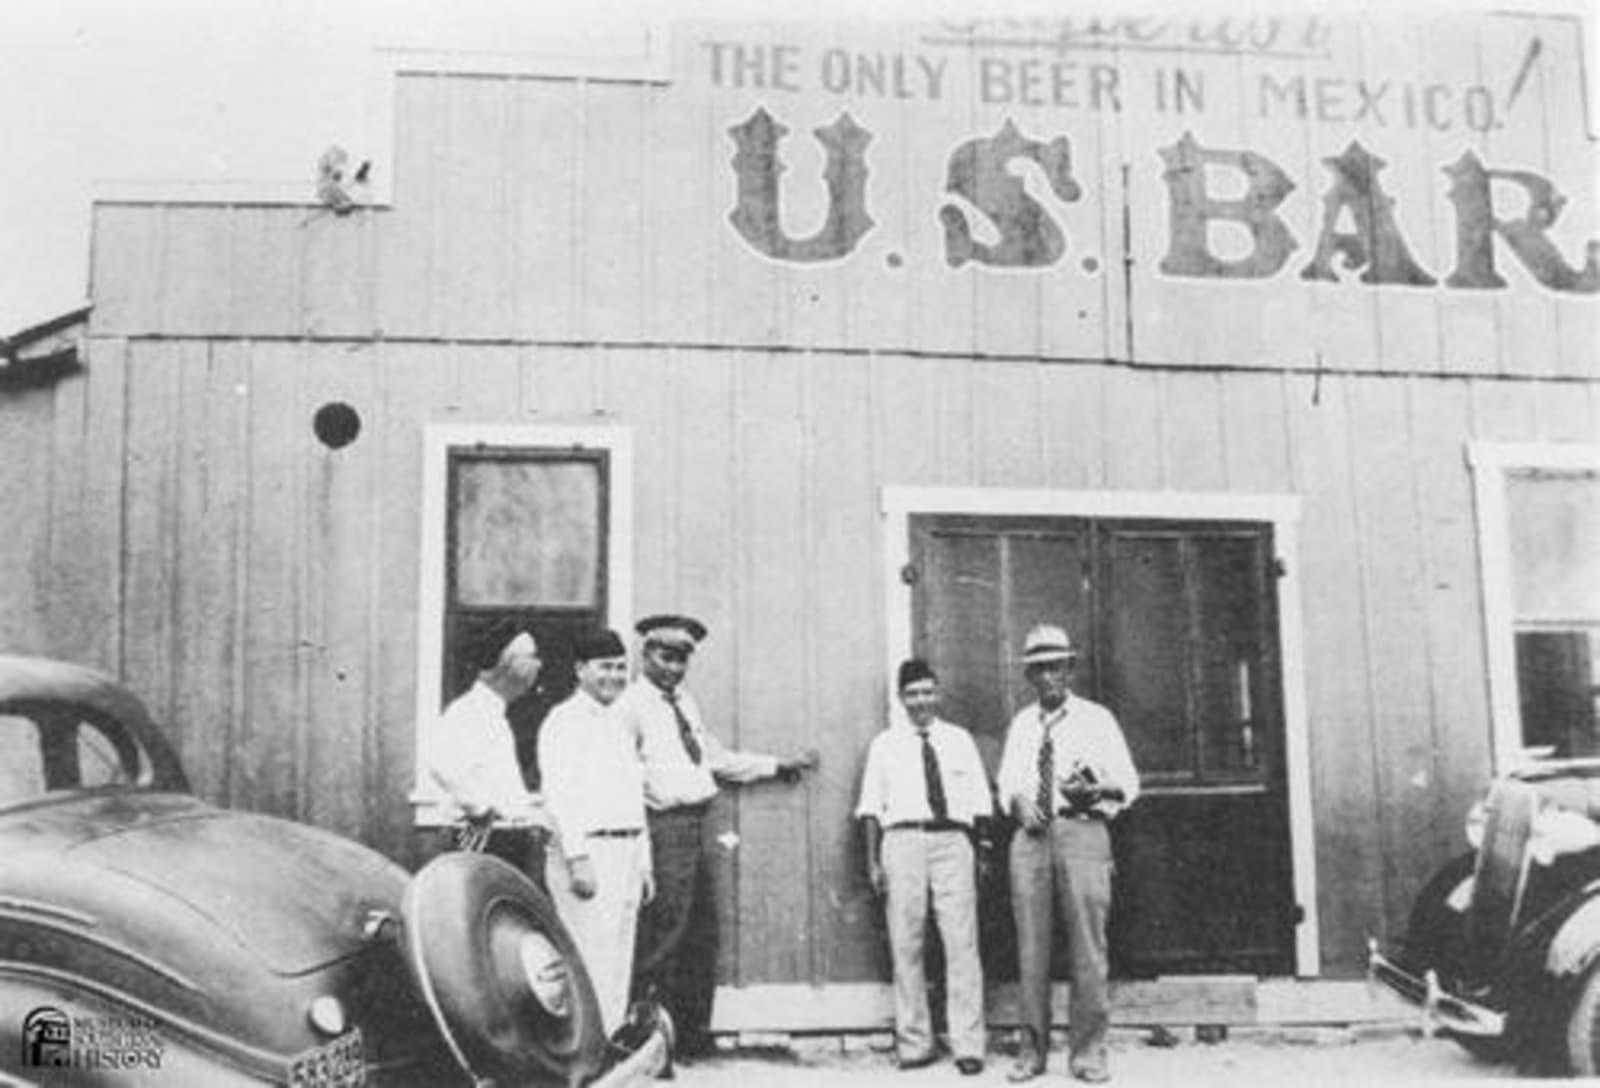 U.S. Bar in Reynosa, Mexico